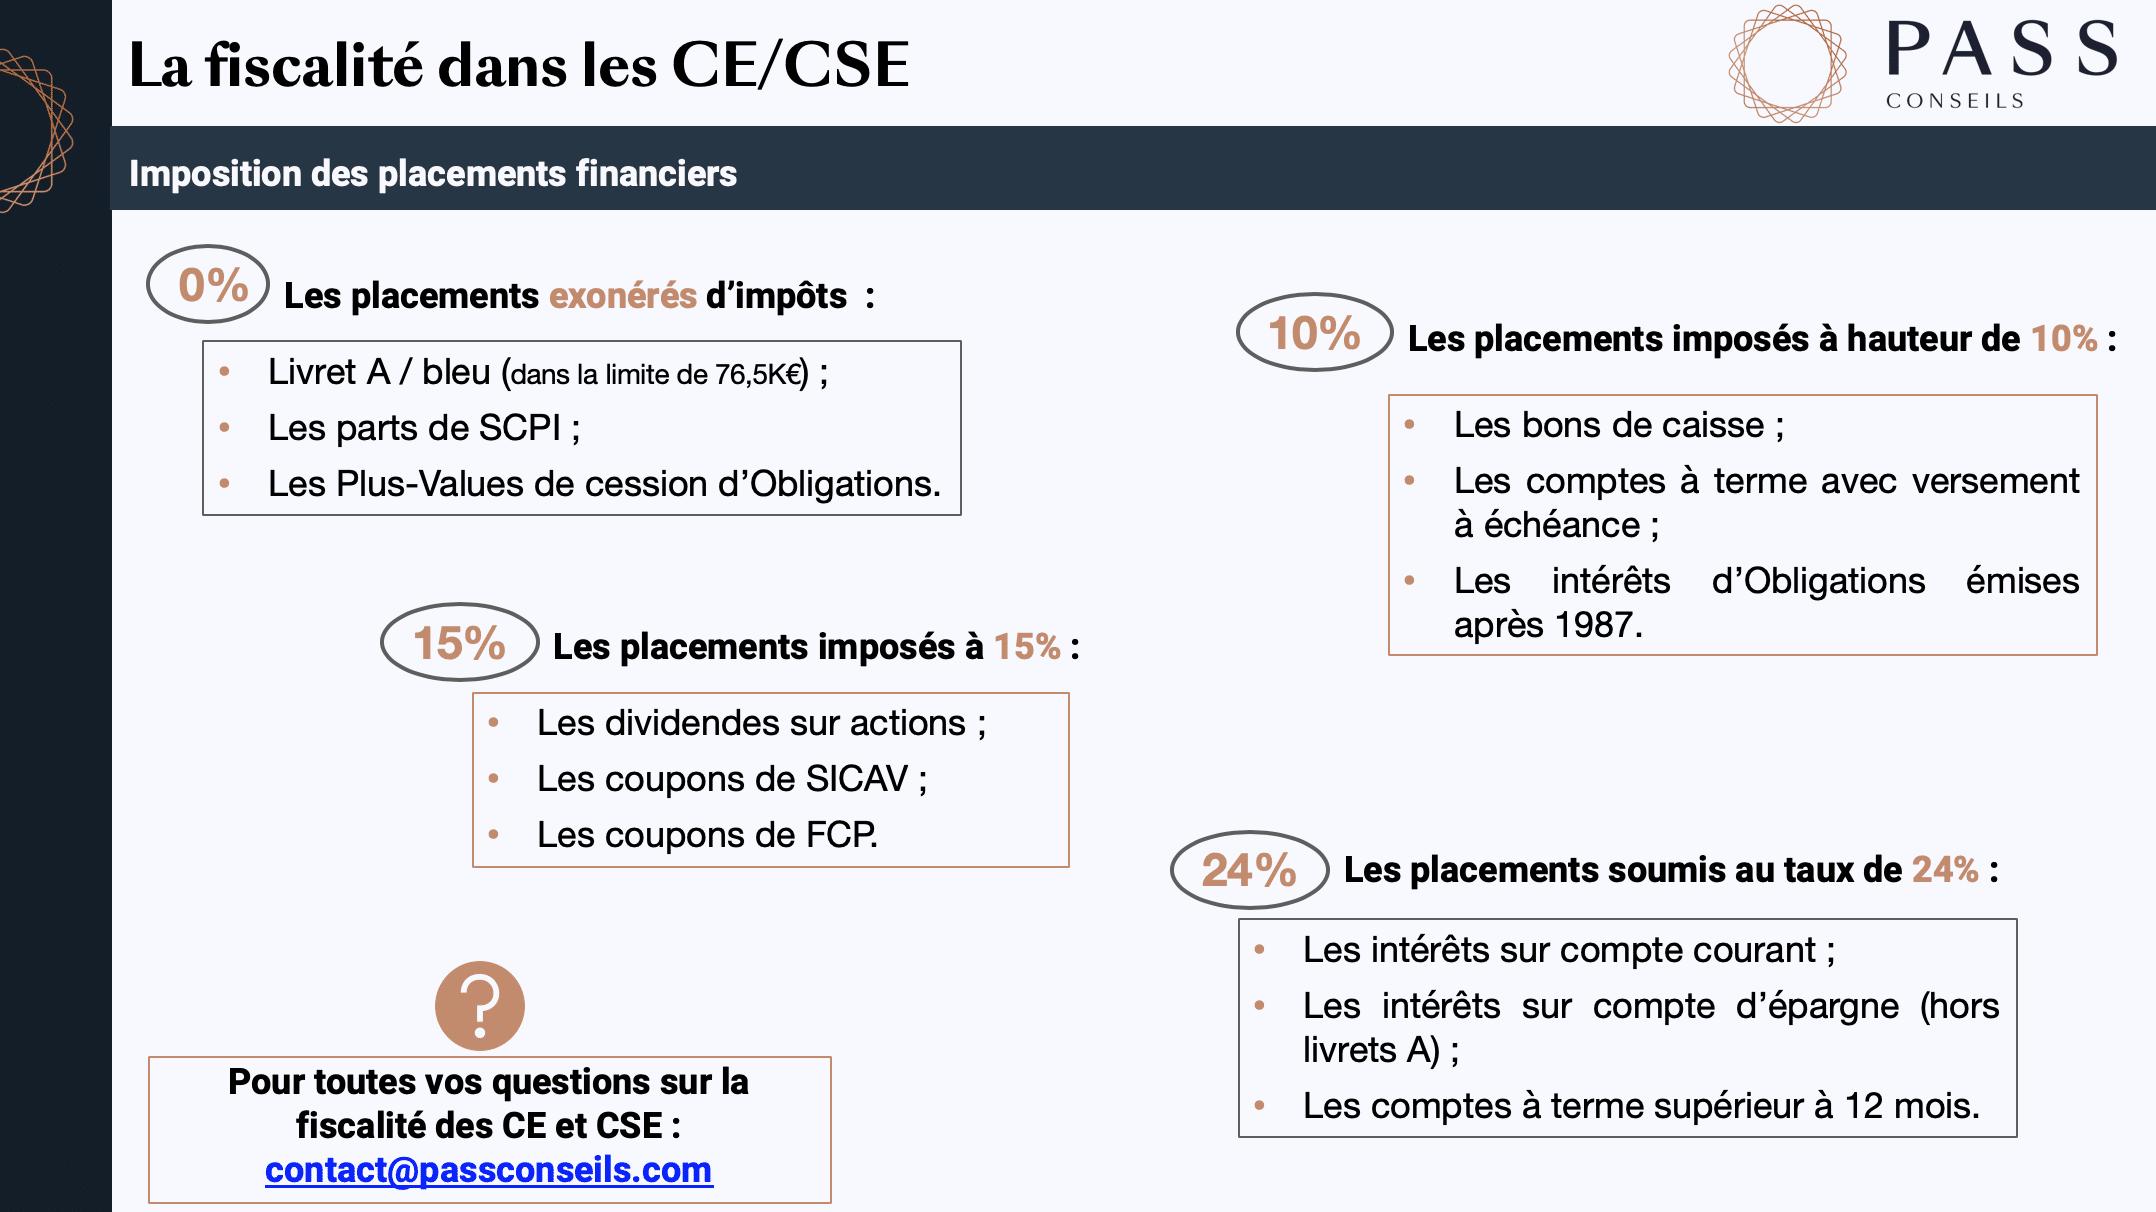 fiscalité CE/CSE impots